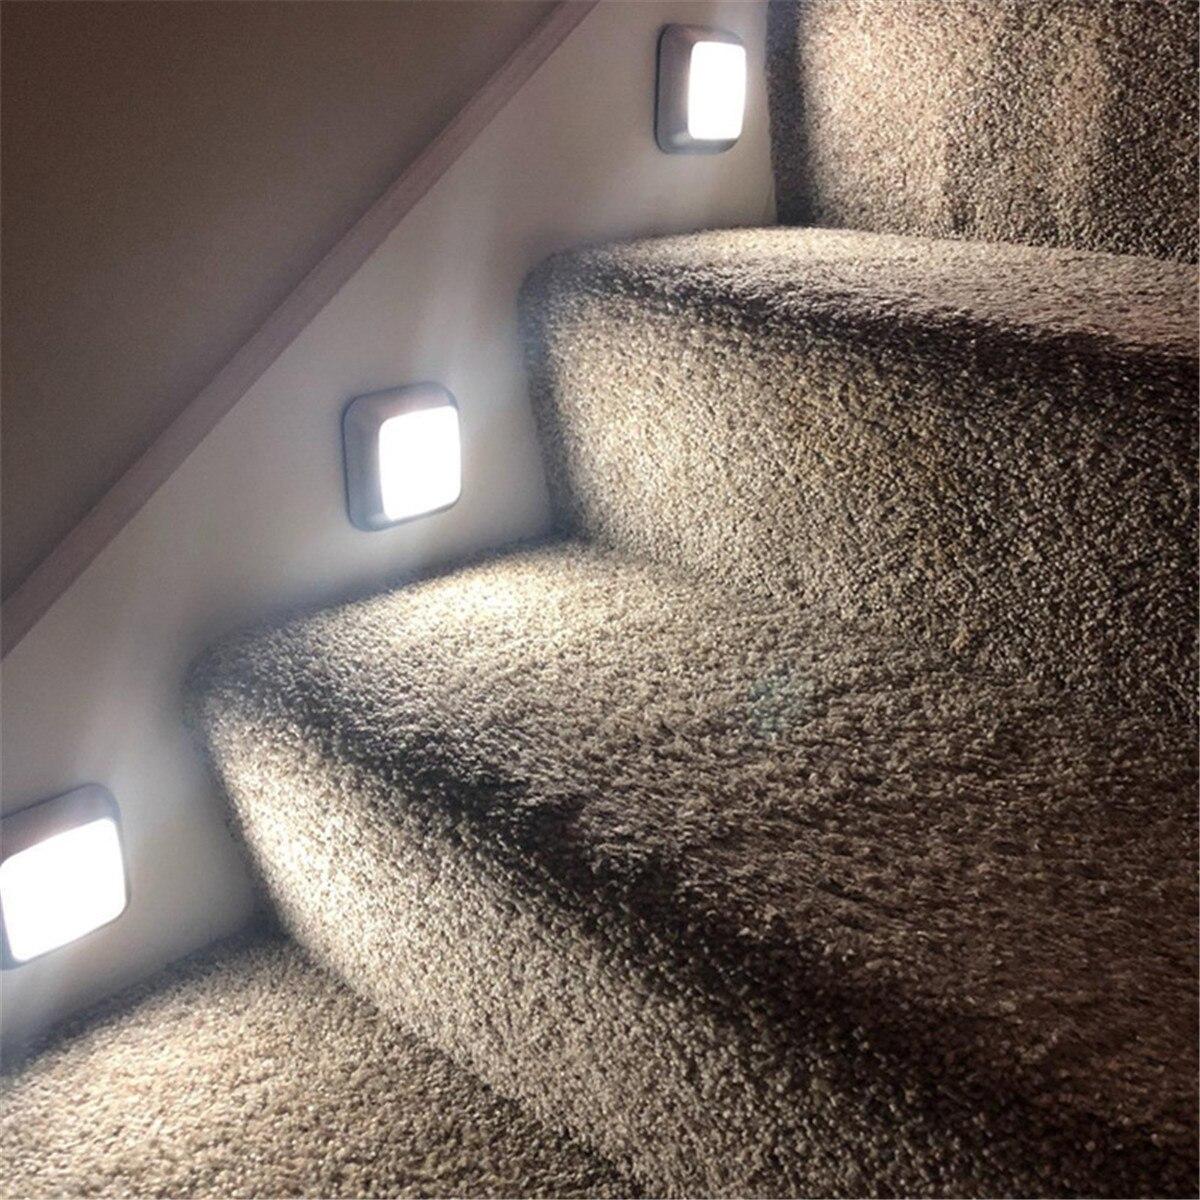 6LEDs PIR Motion Sensor Light Battery Led Nightlight For Closet Wardrobe Stair Lighting Hallway Night Lamp For Home